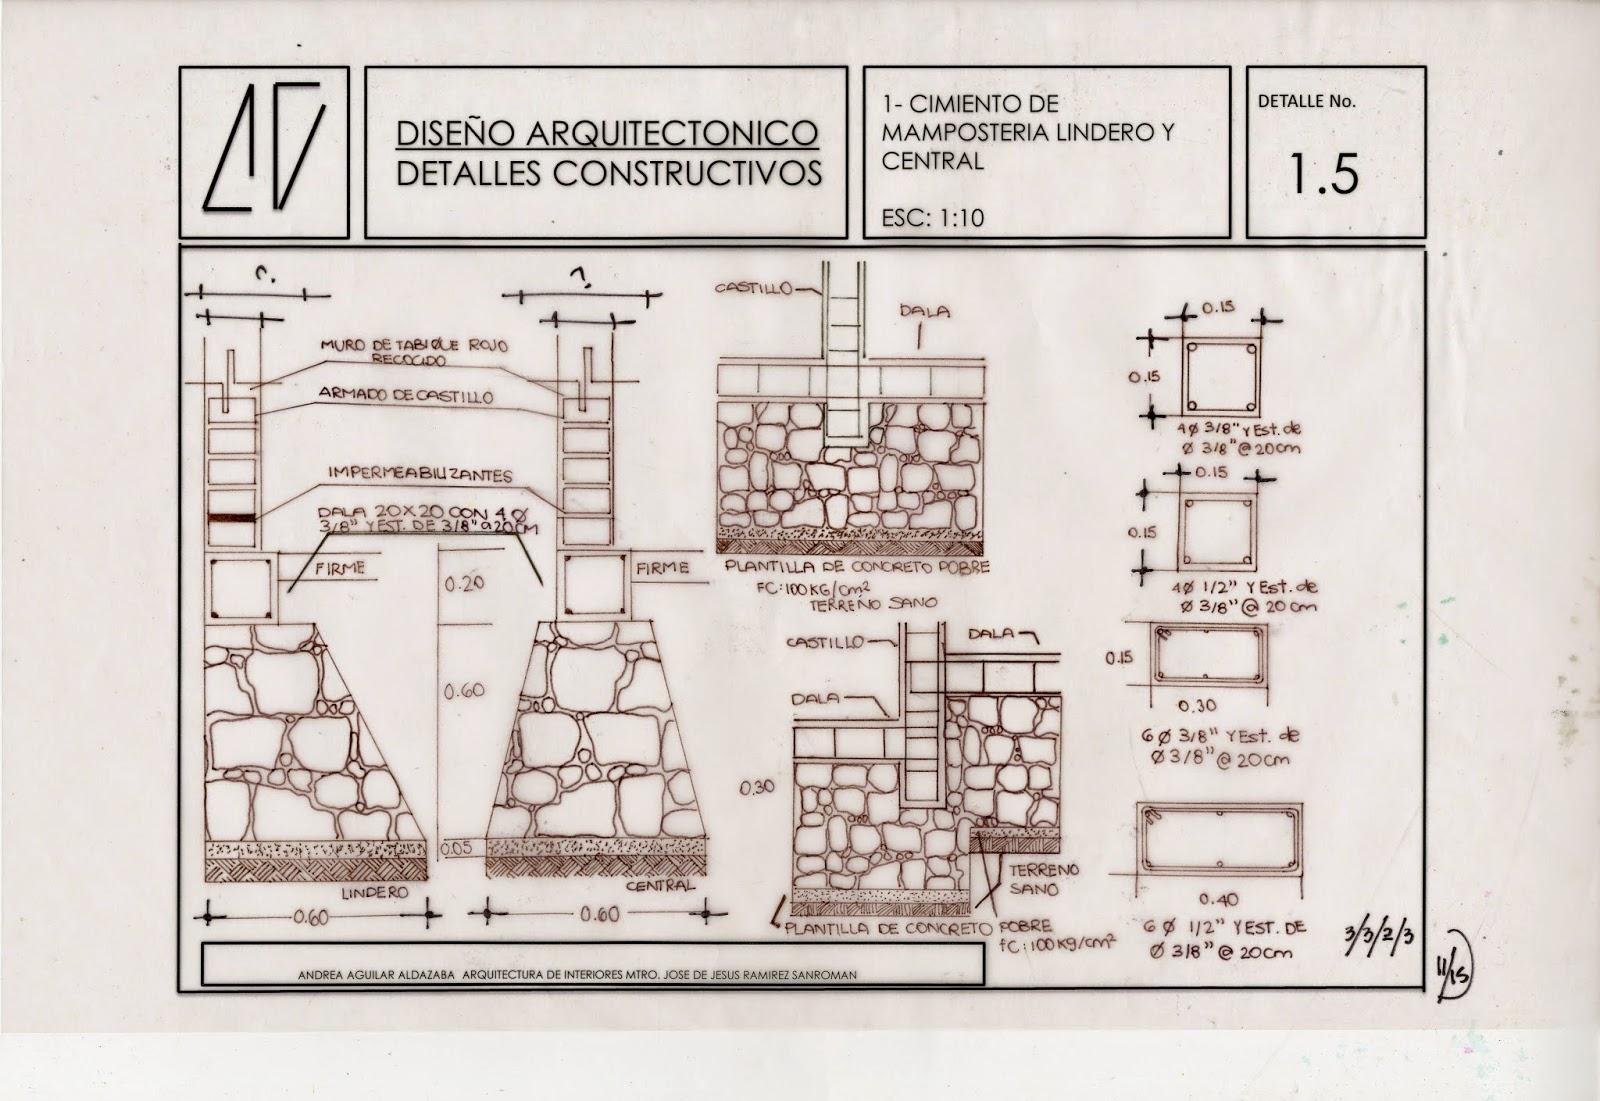 Materiales y procedimientos de la construcci n detalle - Tipos de mamposteria de piedra ...